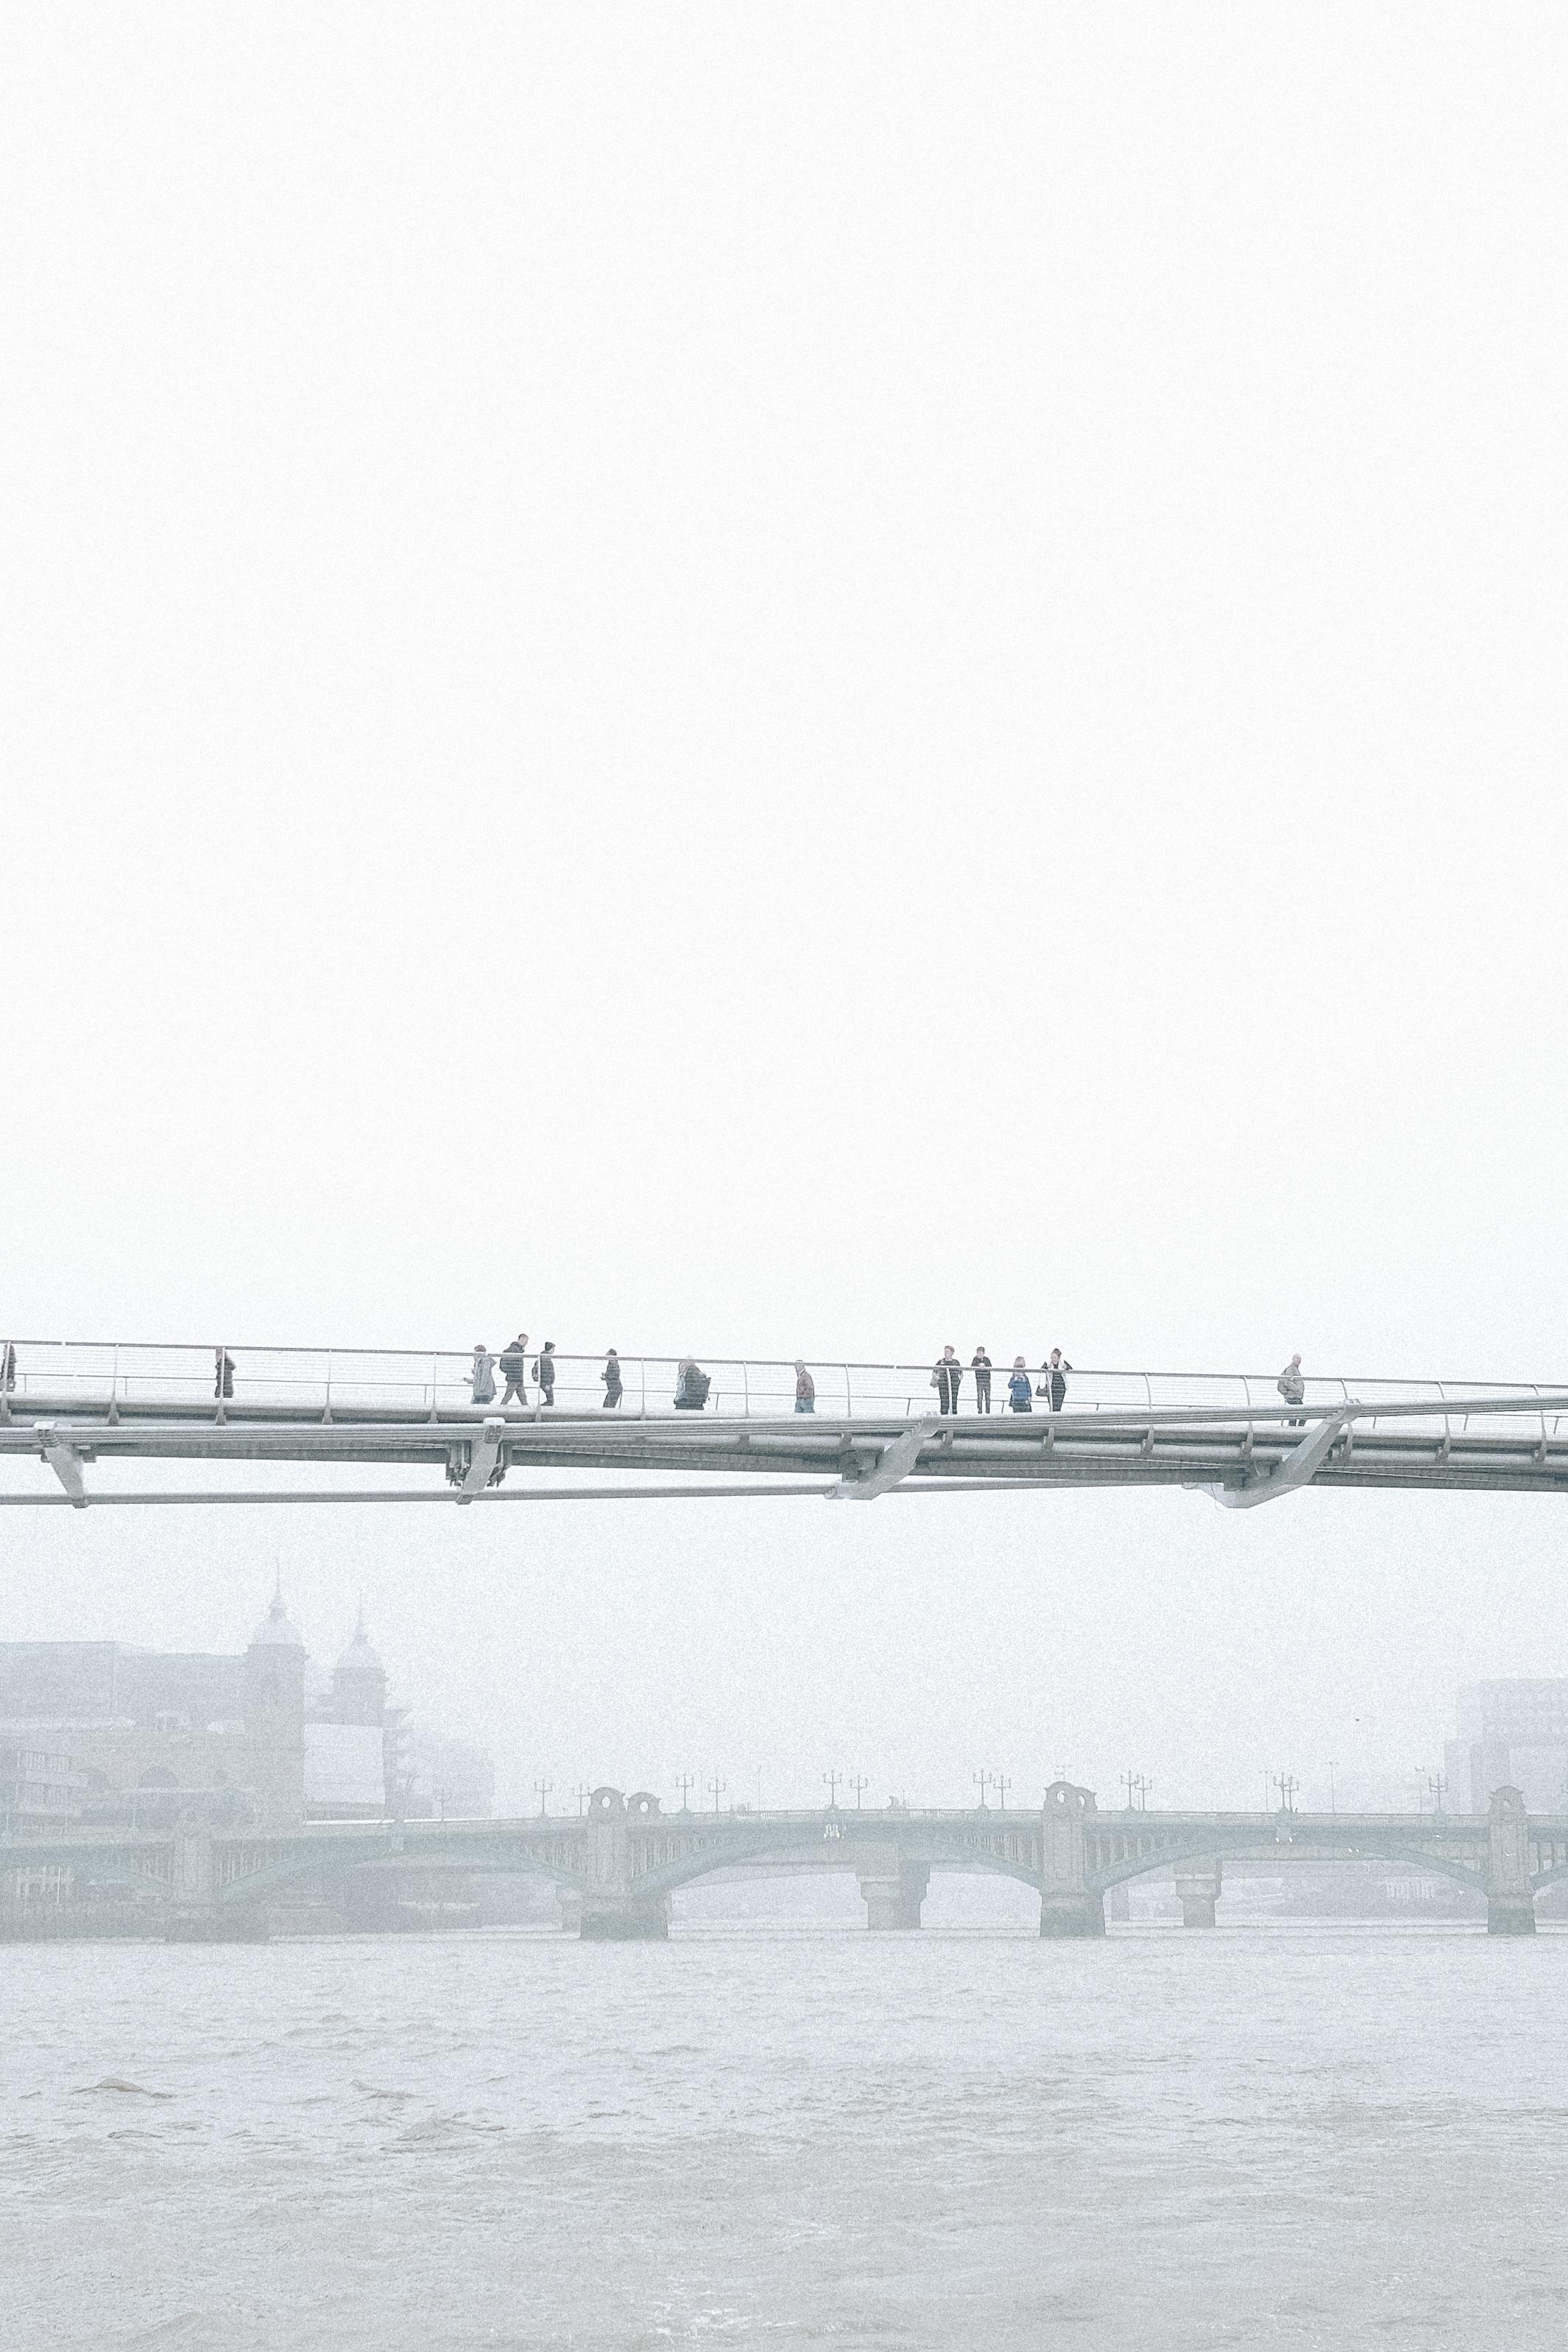 LondonFog-13.jpg